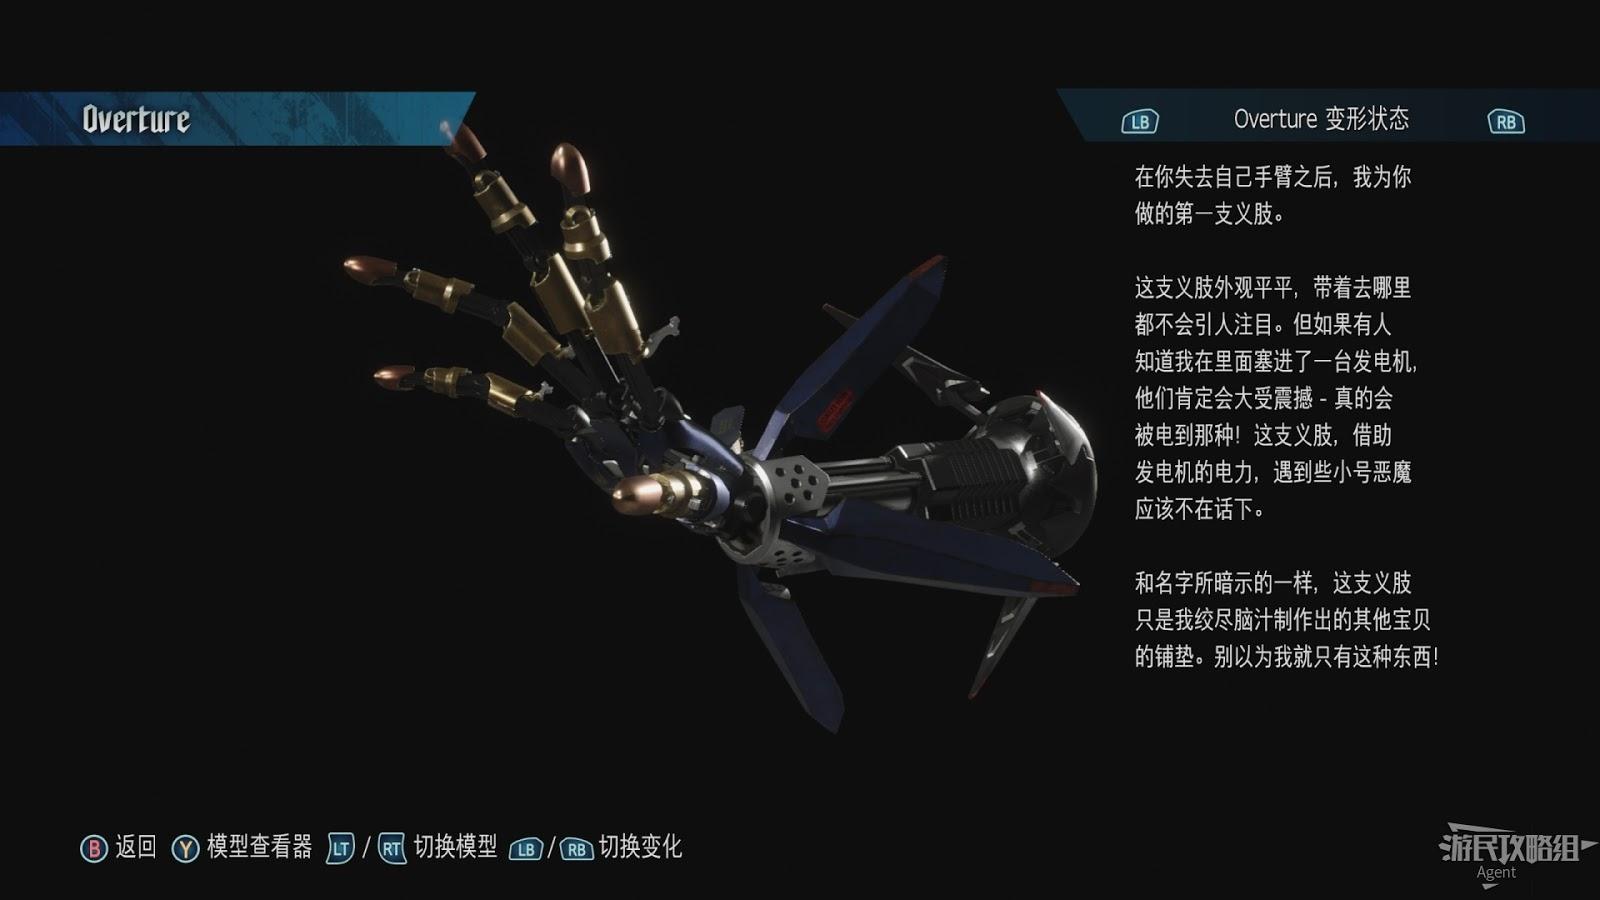 惡魔獵人 5 (Devil May Cry 5) 全武器圖鑒   娛樂計程車